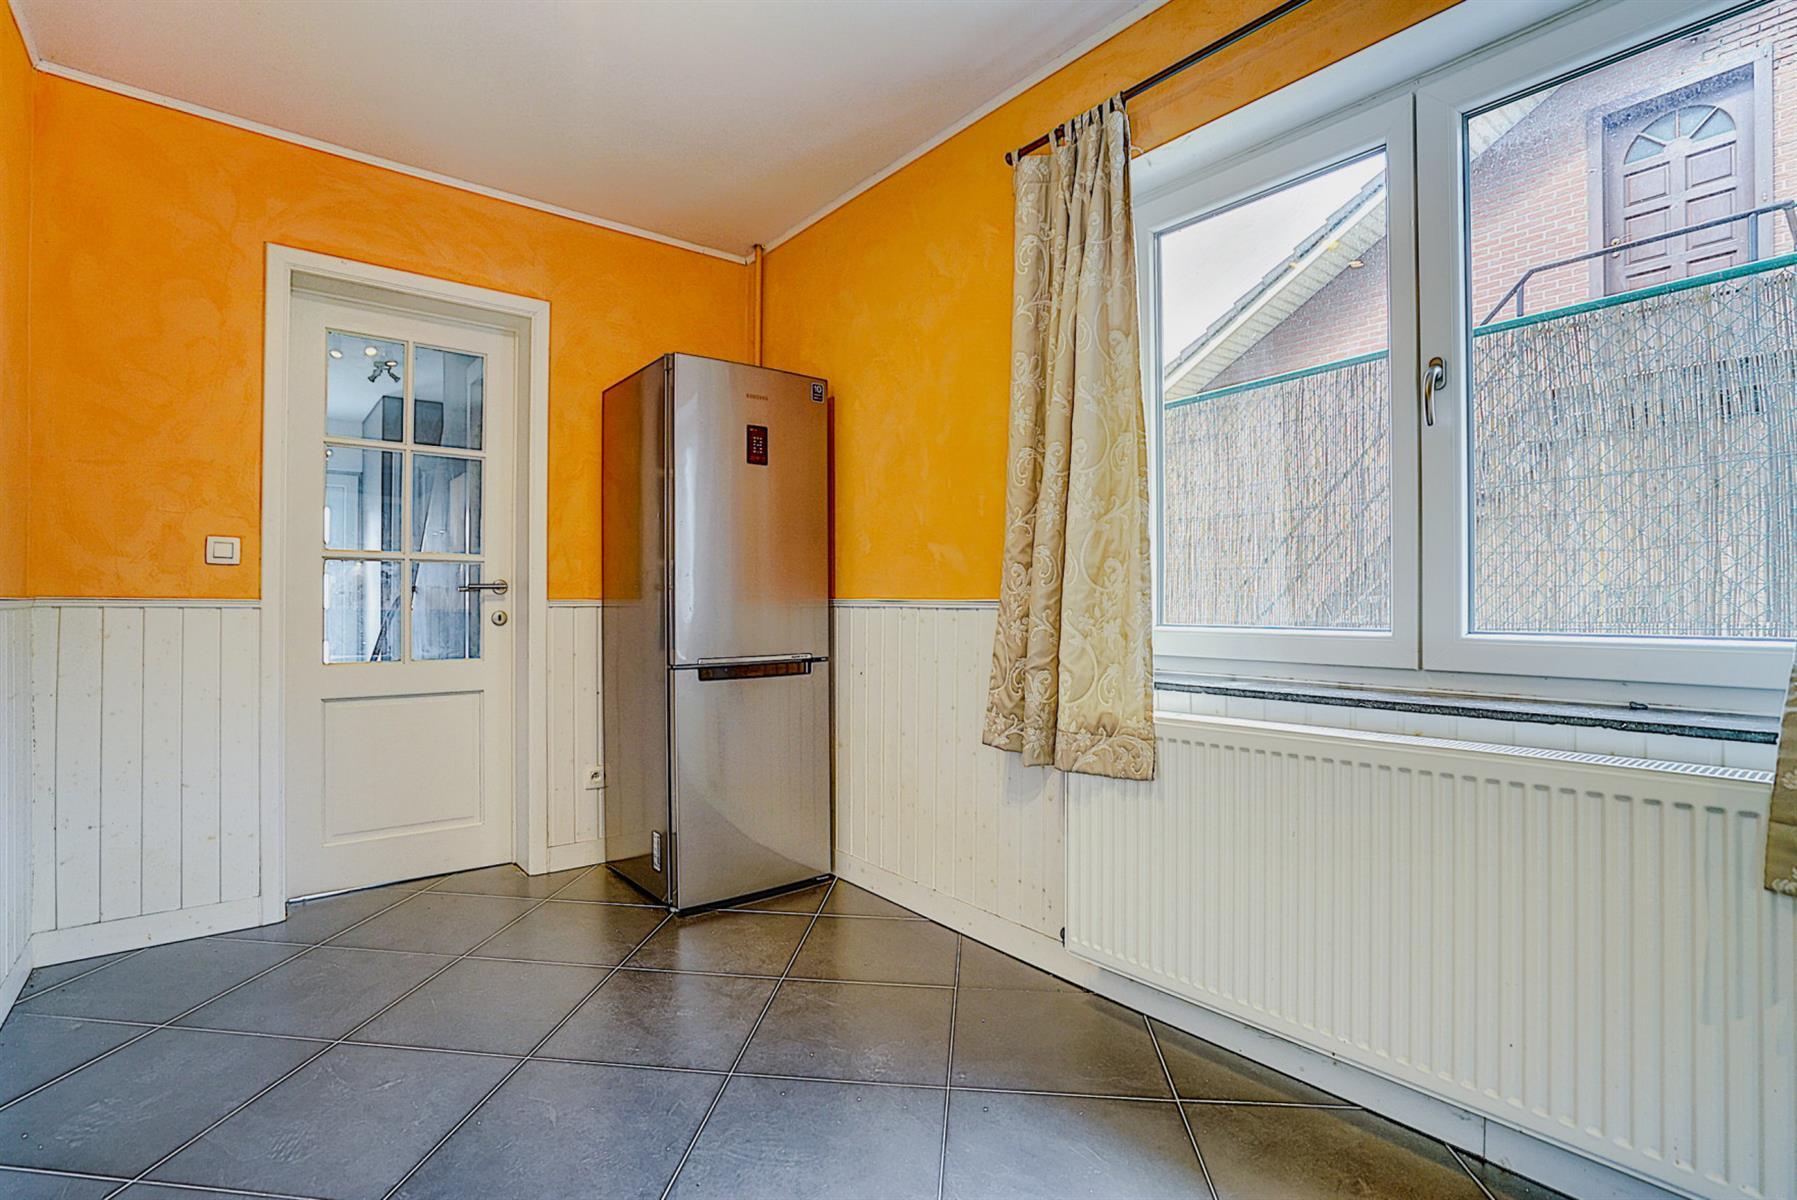 Maison - Mont-saint-guibert - #4326109-7